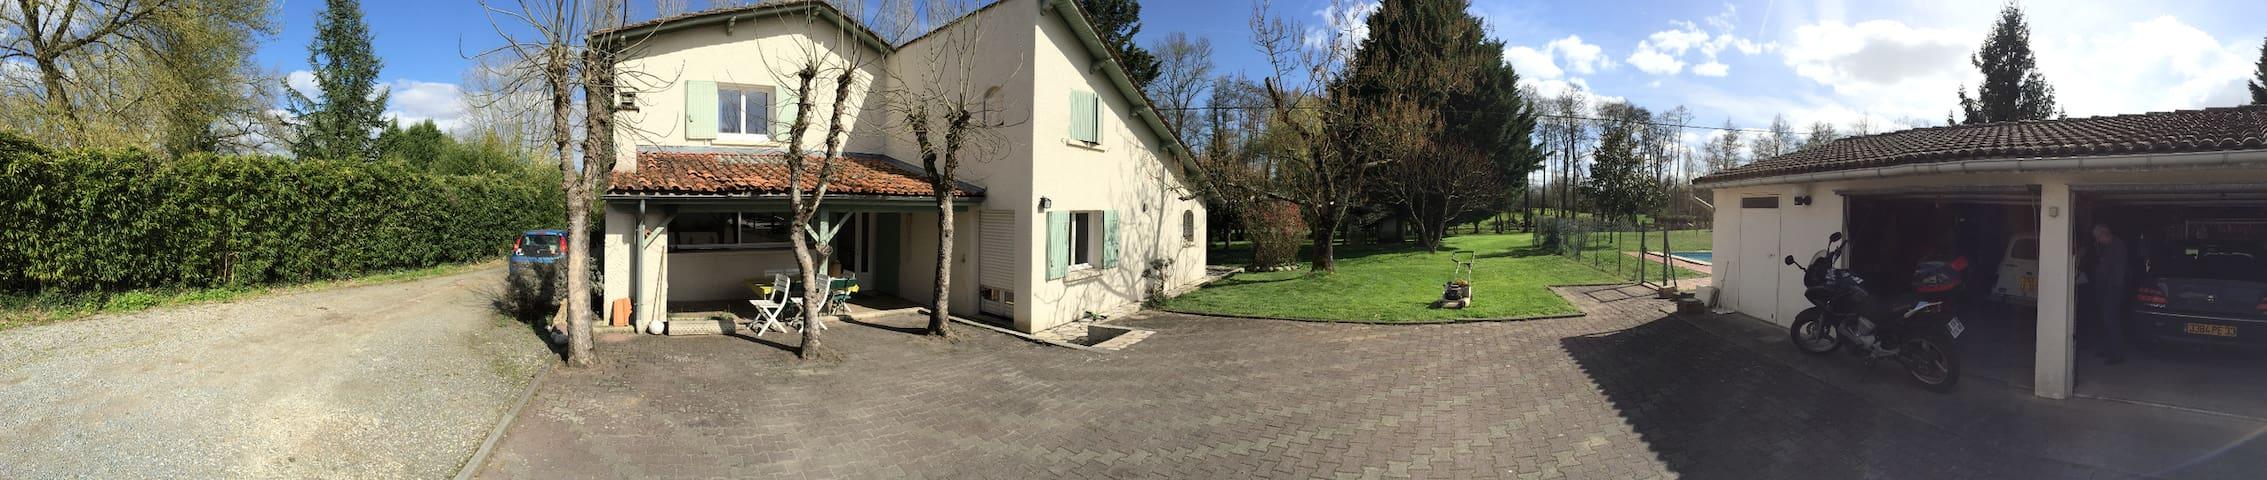 Maison de campagne avec piscine - Périssac - Ev